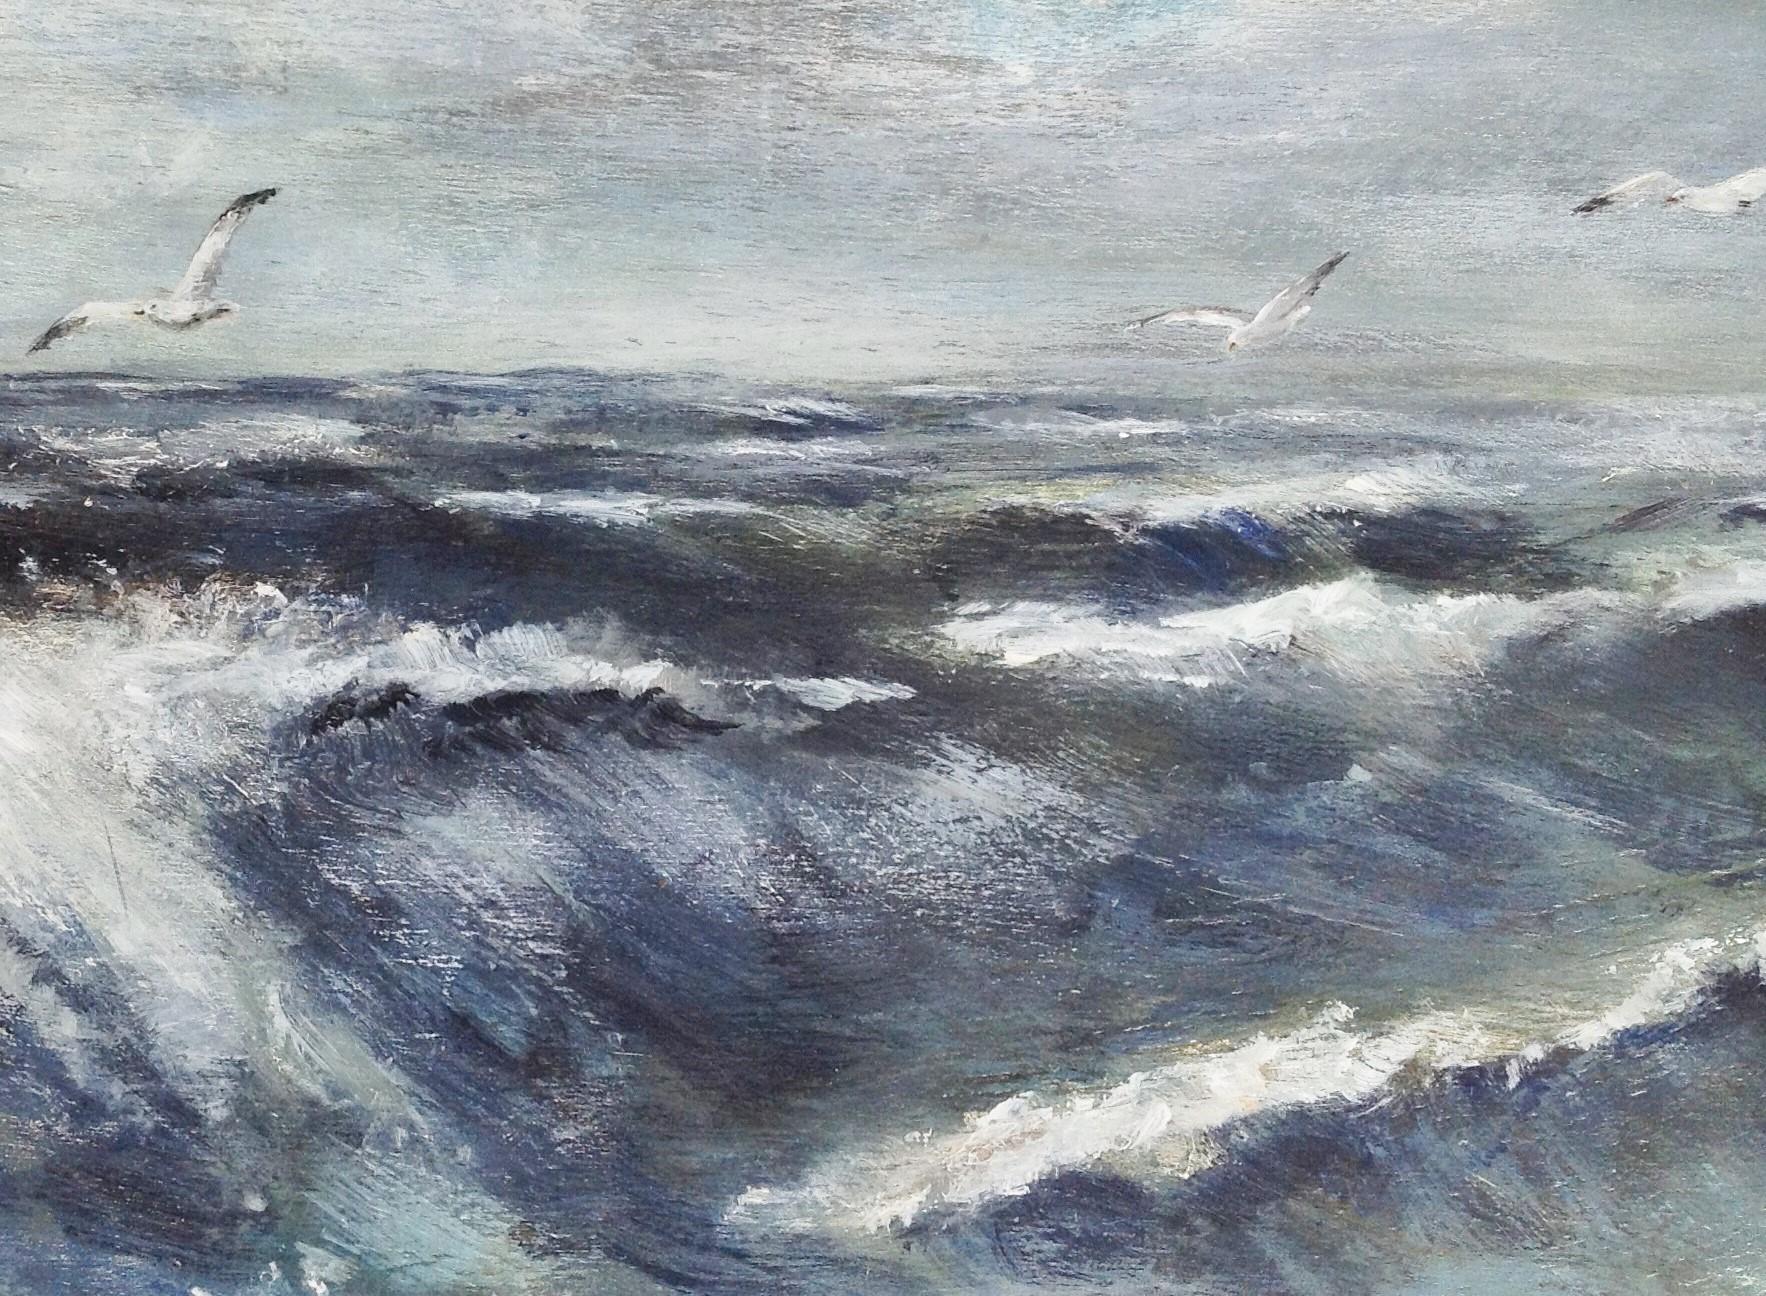 Zee met golven en meeuwen